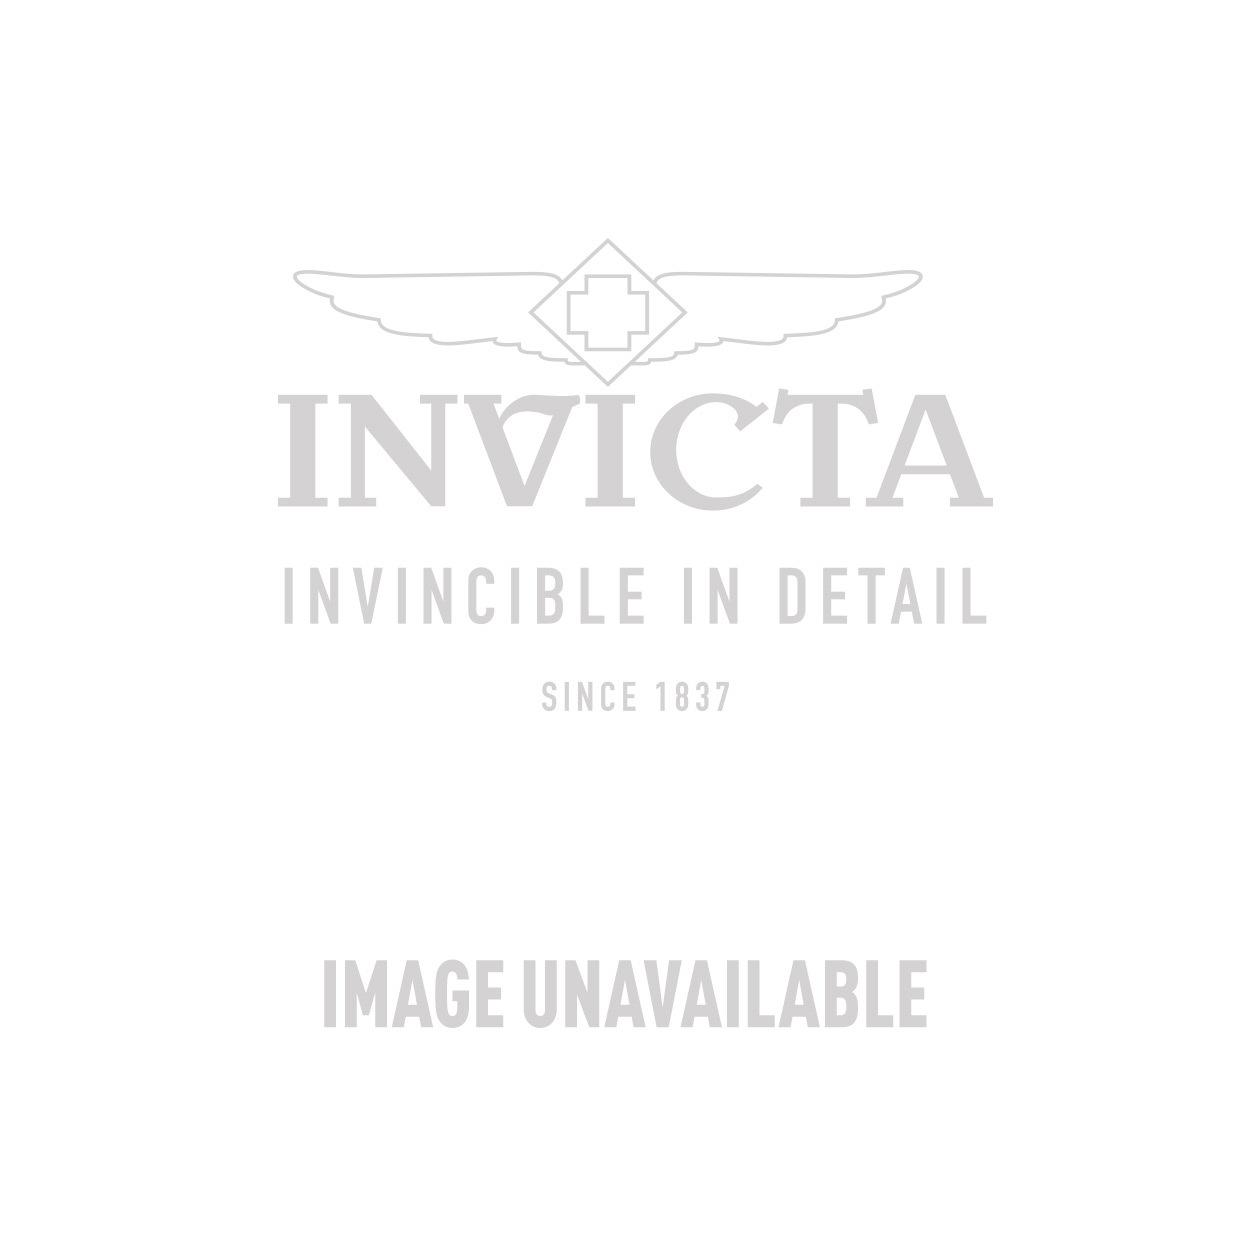 Invicta Model 22132